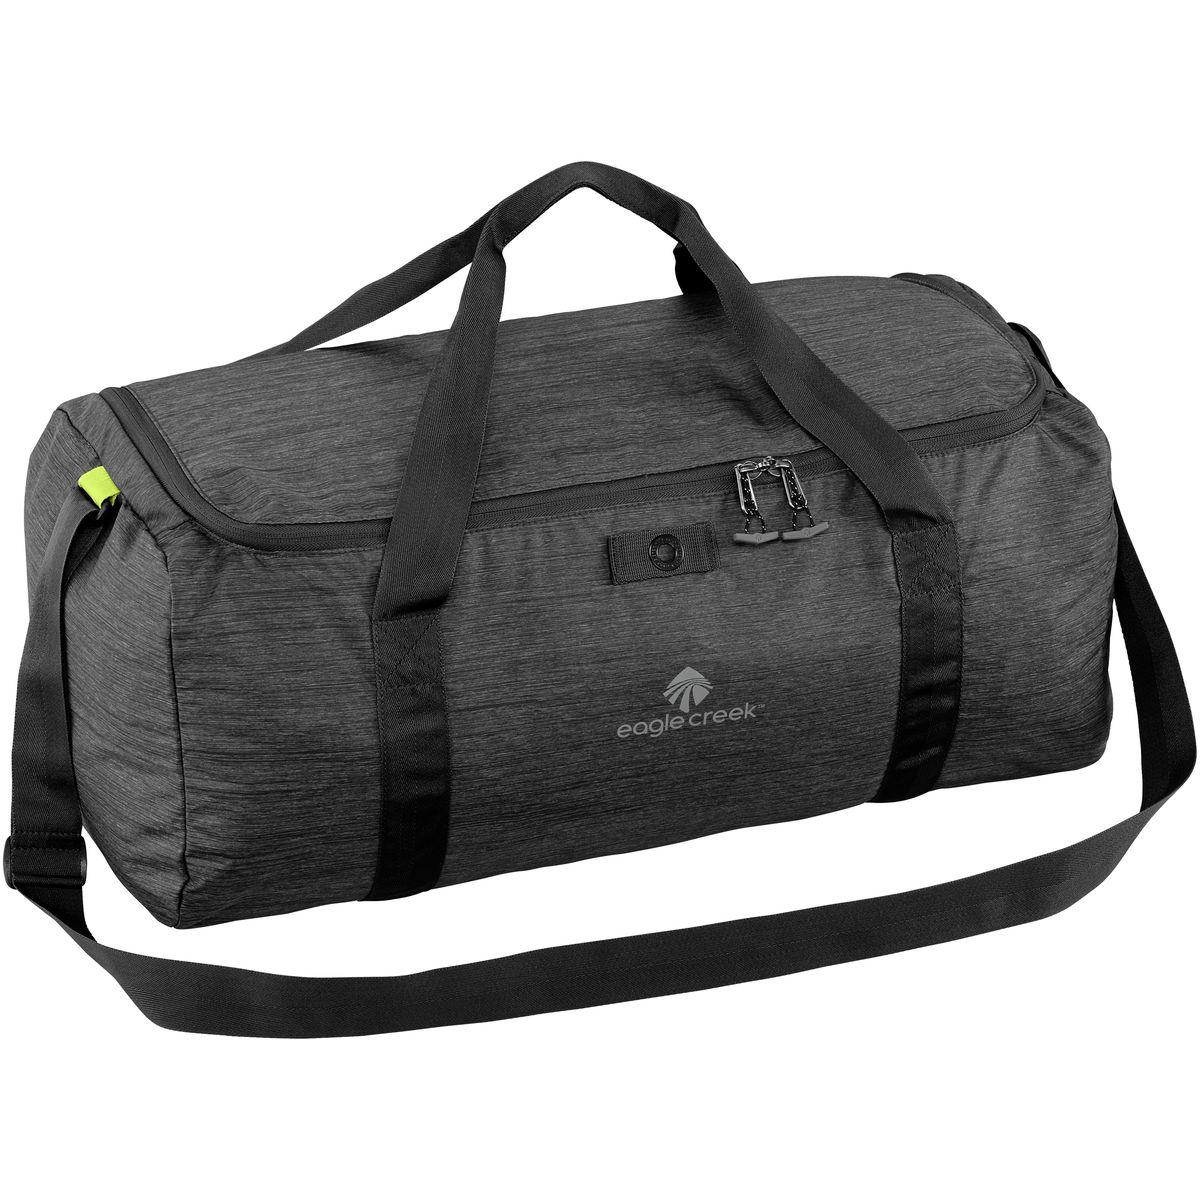 Eagle Creek Packable 40L Duffel Black, One Size